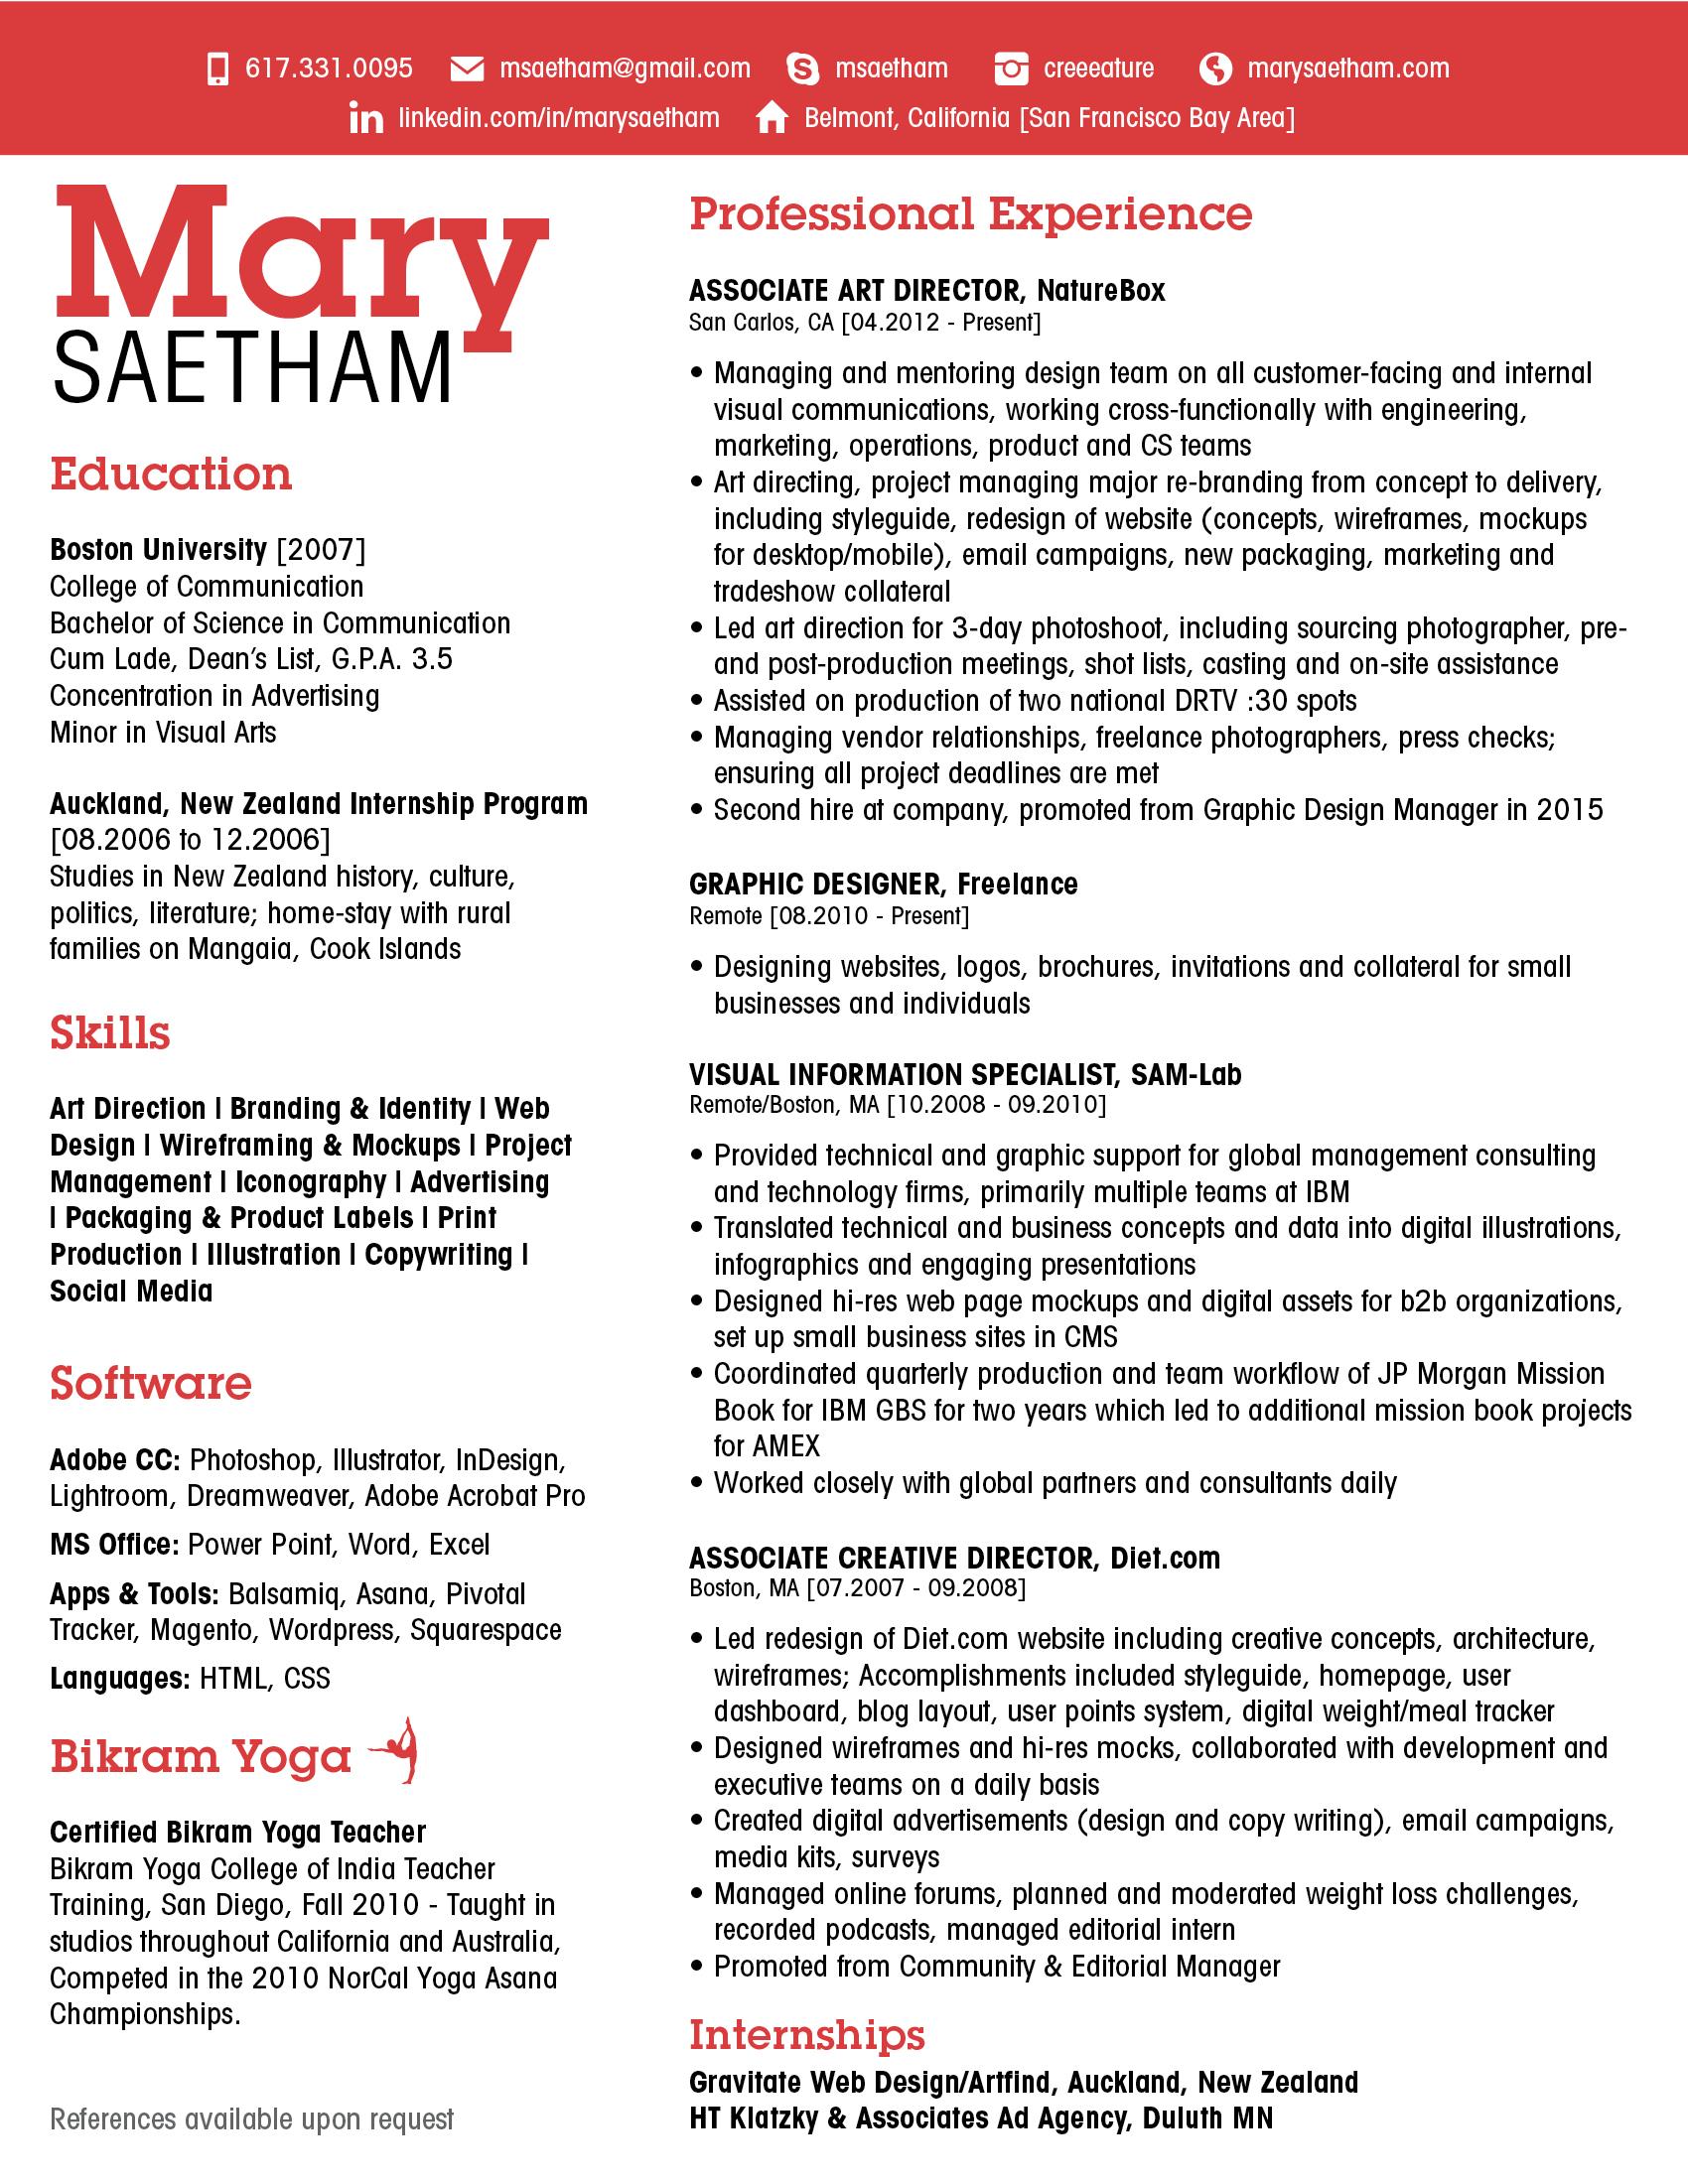 Resume Mary Saetham